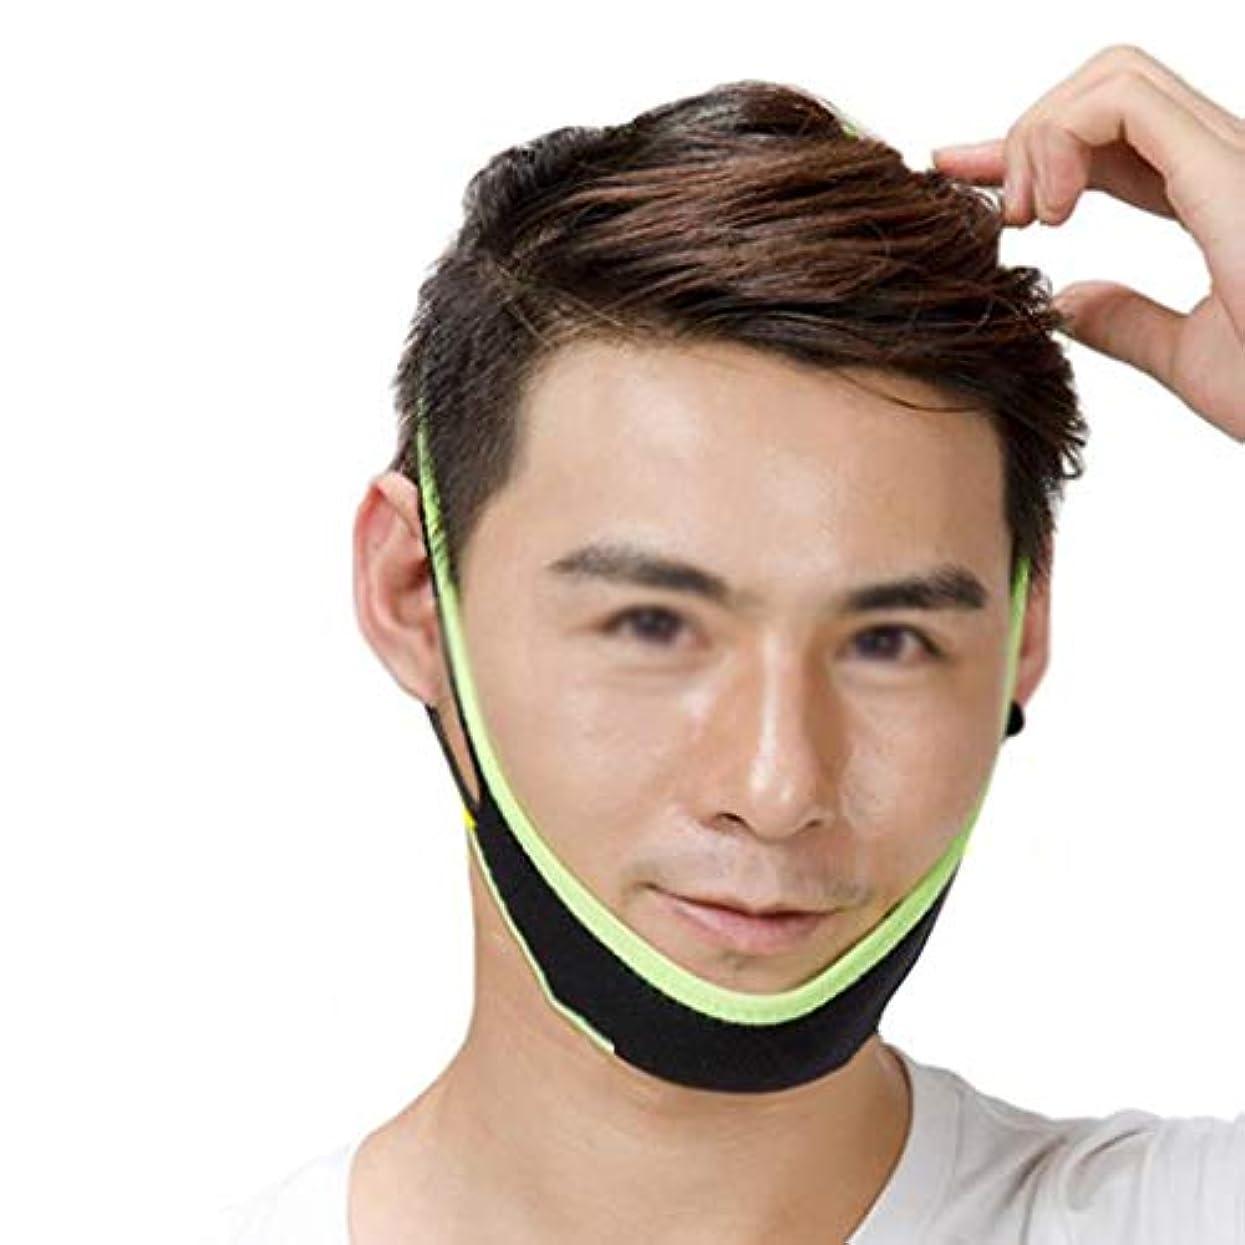 クリック蒸留うなずくZWBD フェイスマスク, マスクアーチファクトアーティファクトリフティングマッサージアーティファクト付き薄い顔の包帯メンズスペシャルスリープスモールVフェイス